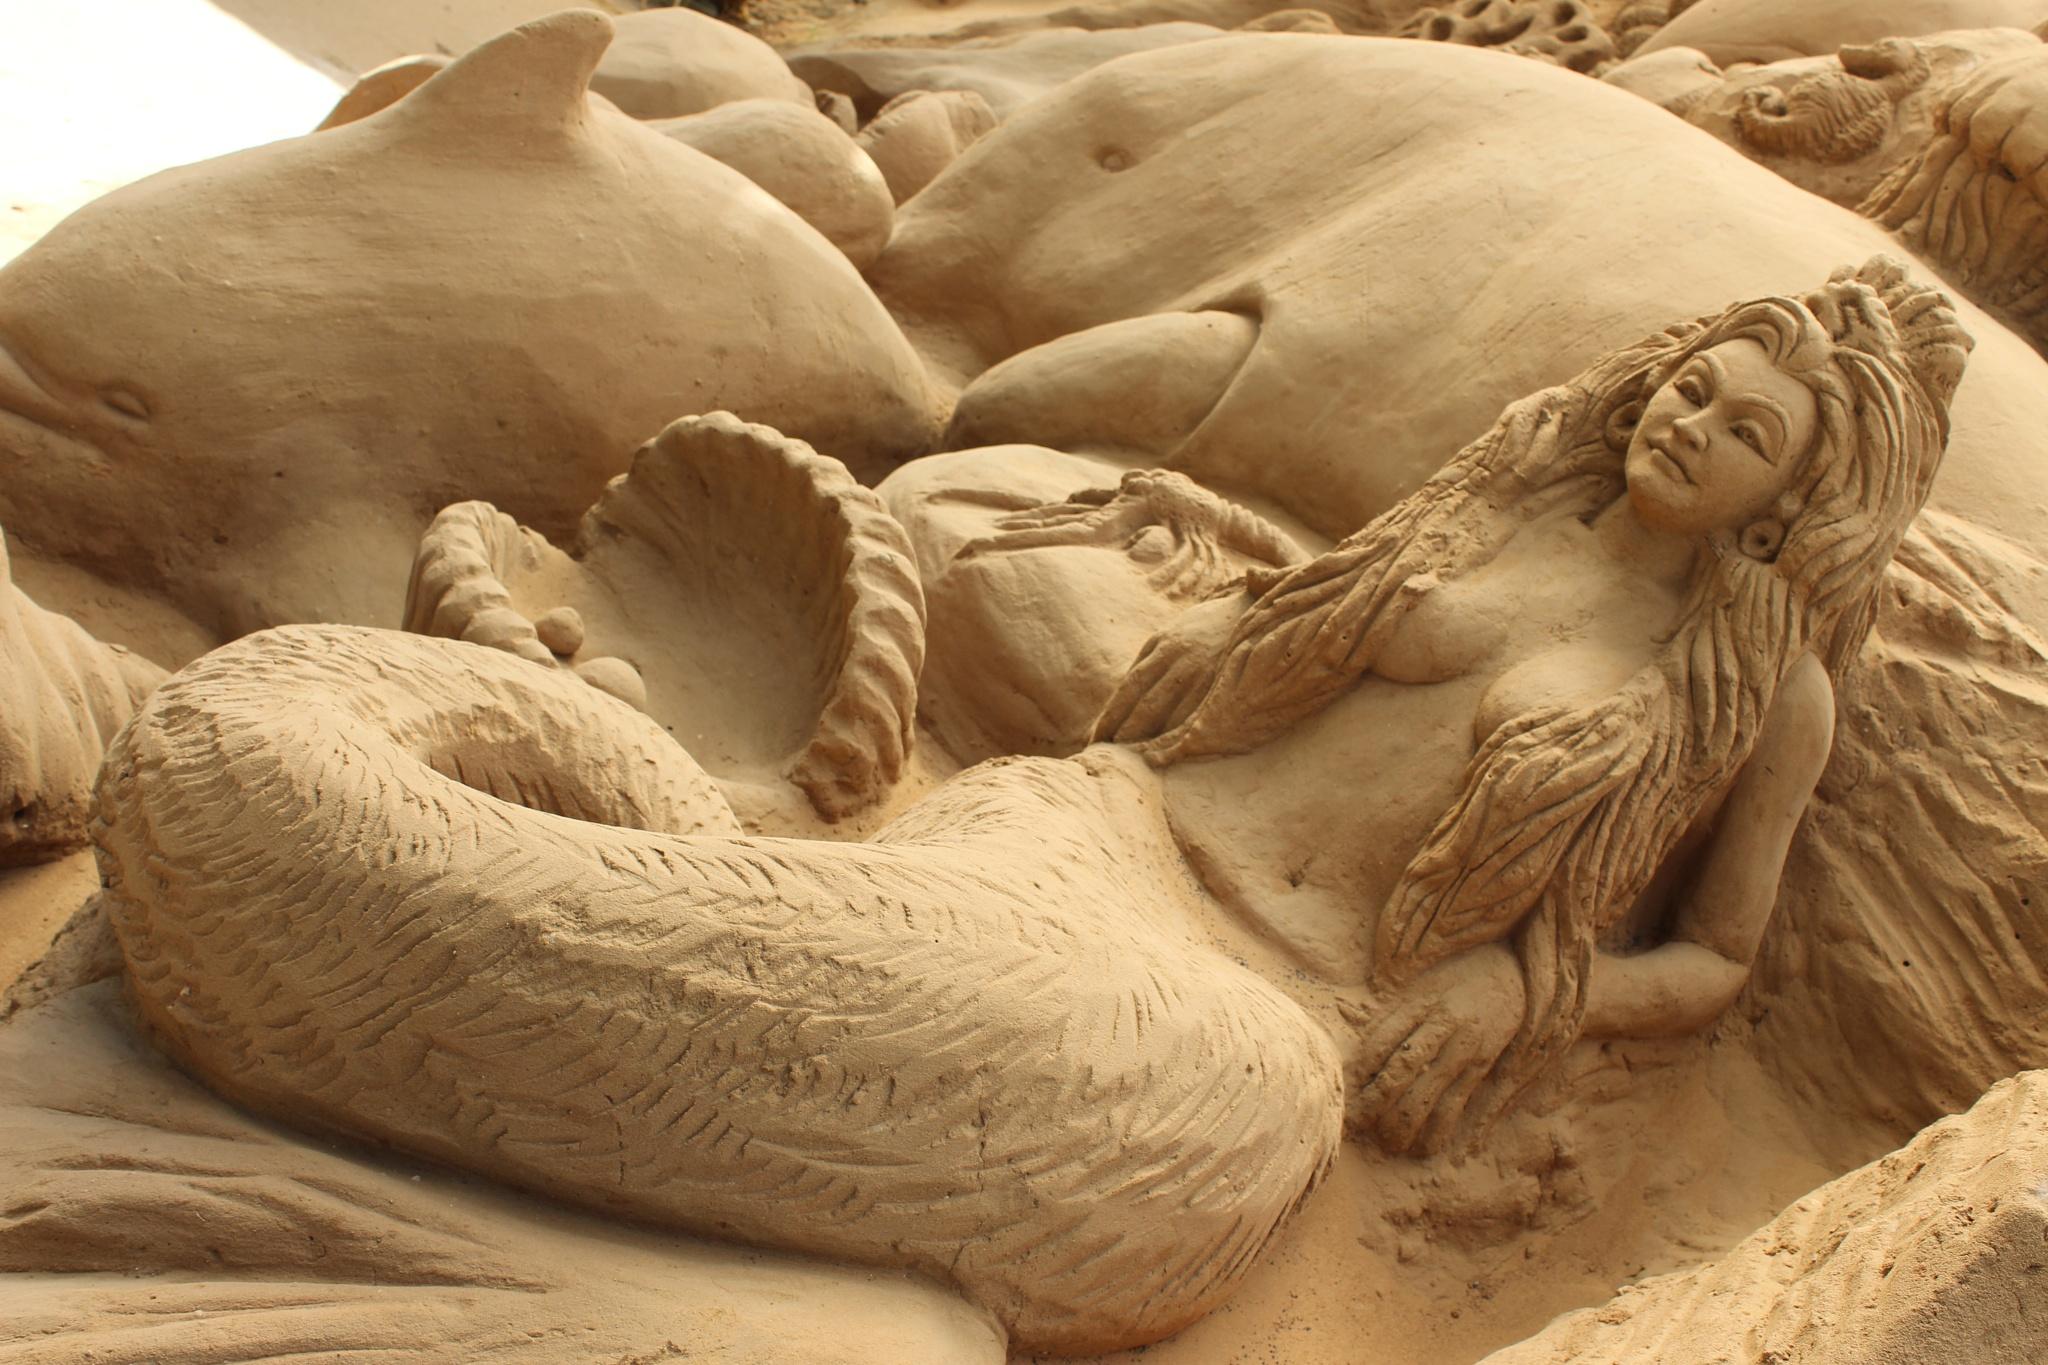 SAND creation by Kiran Basu